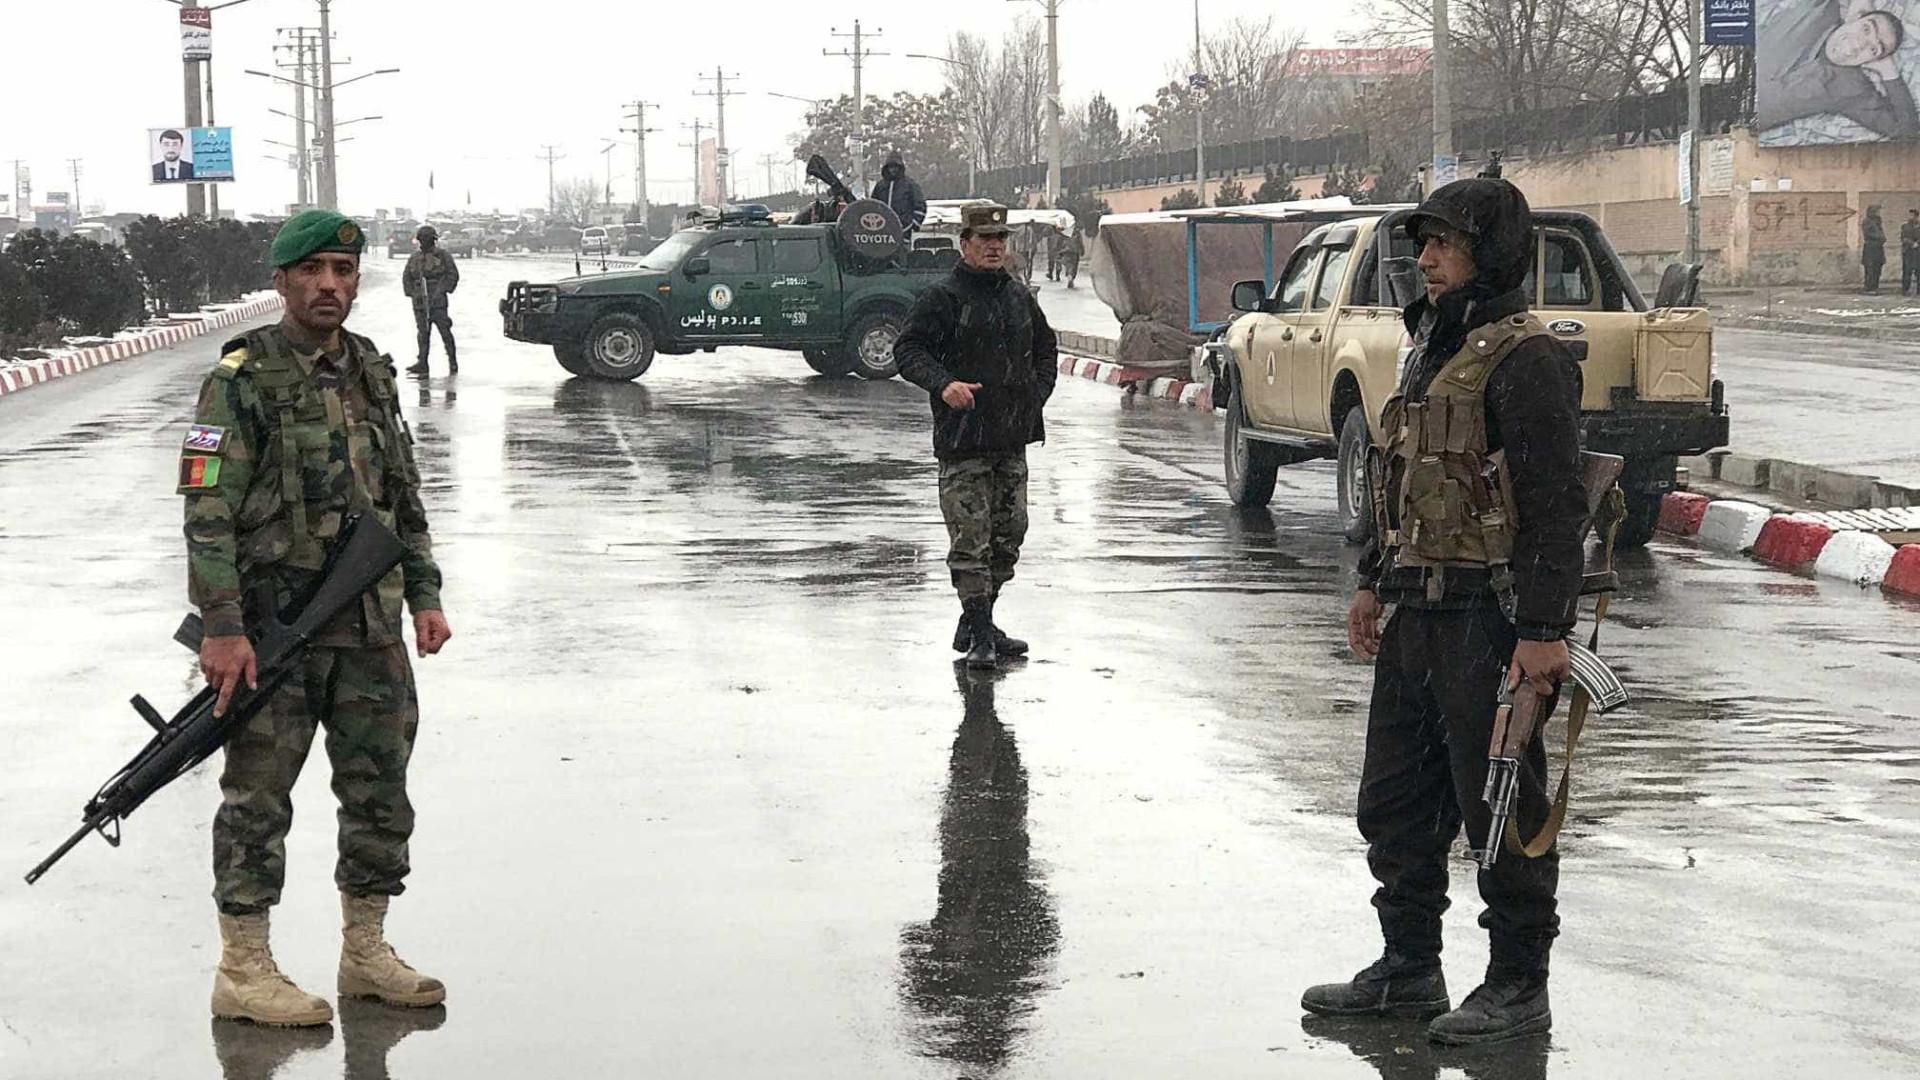 Afeganistão vive tensão após quarto ataque em 9 dias